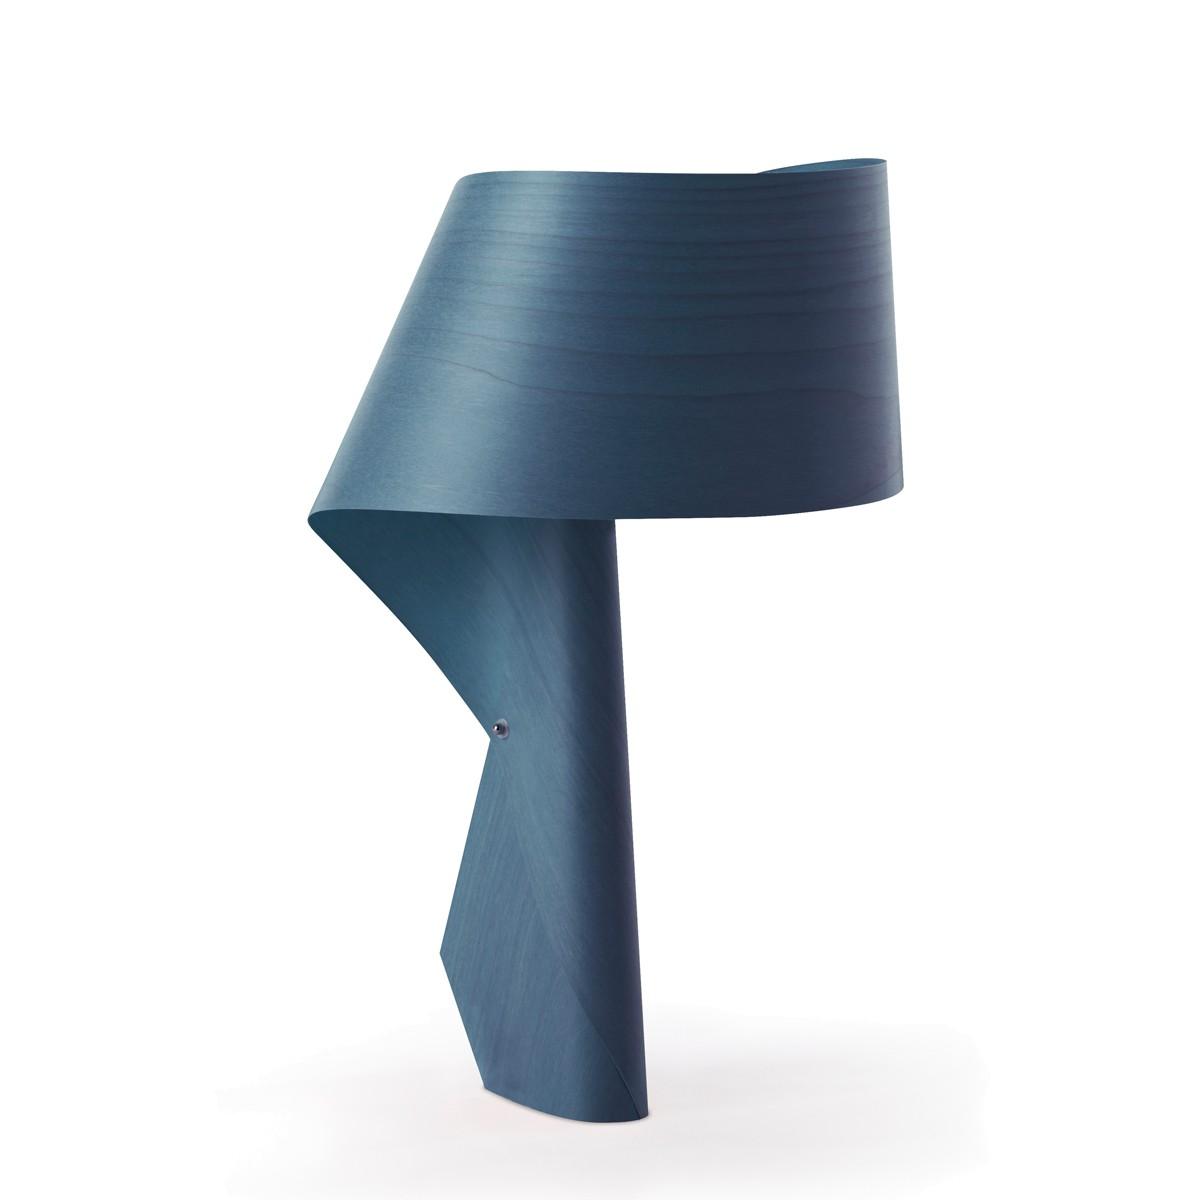 LZF Lamps Air Tischleuchte, blau